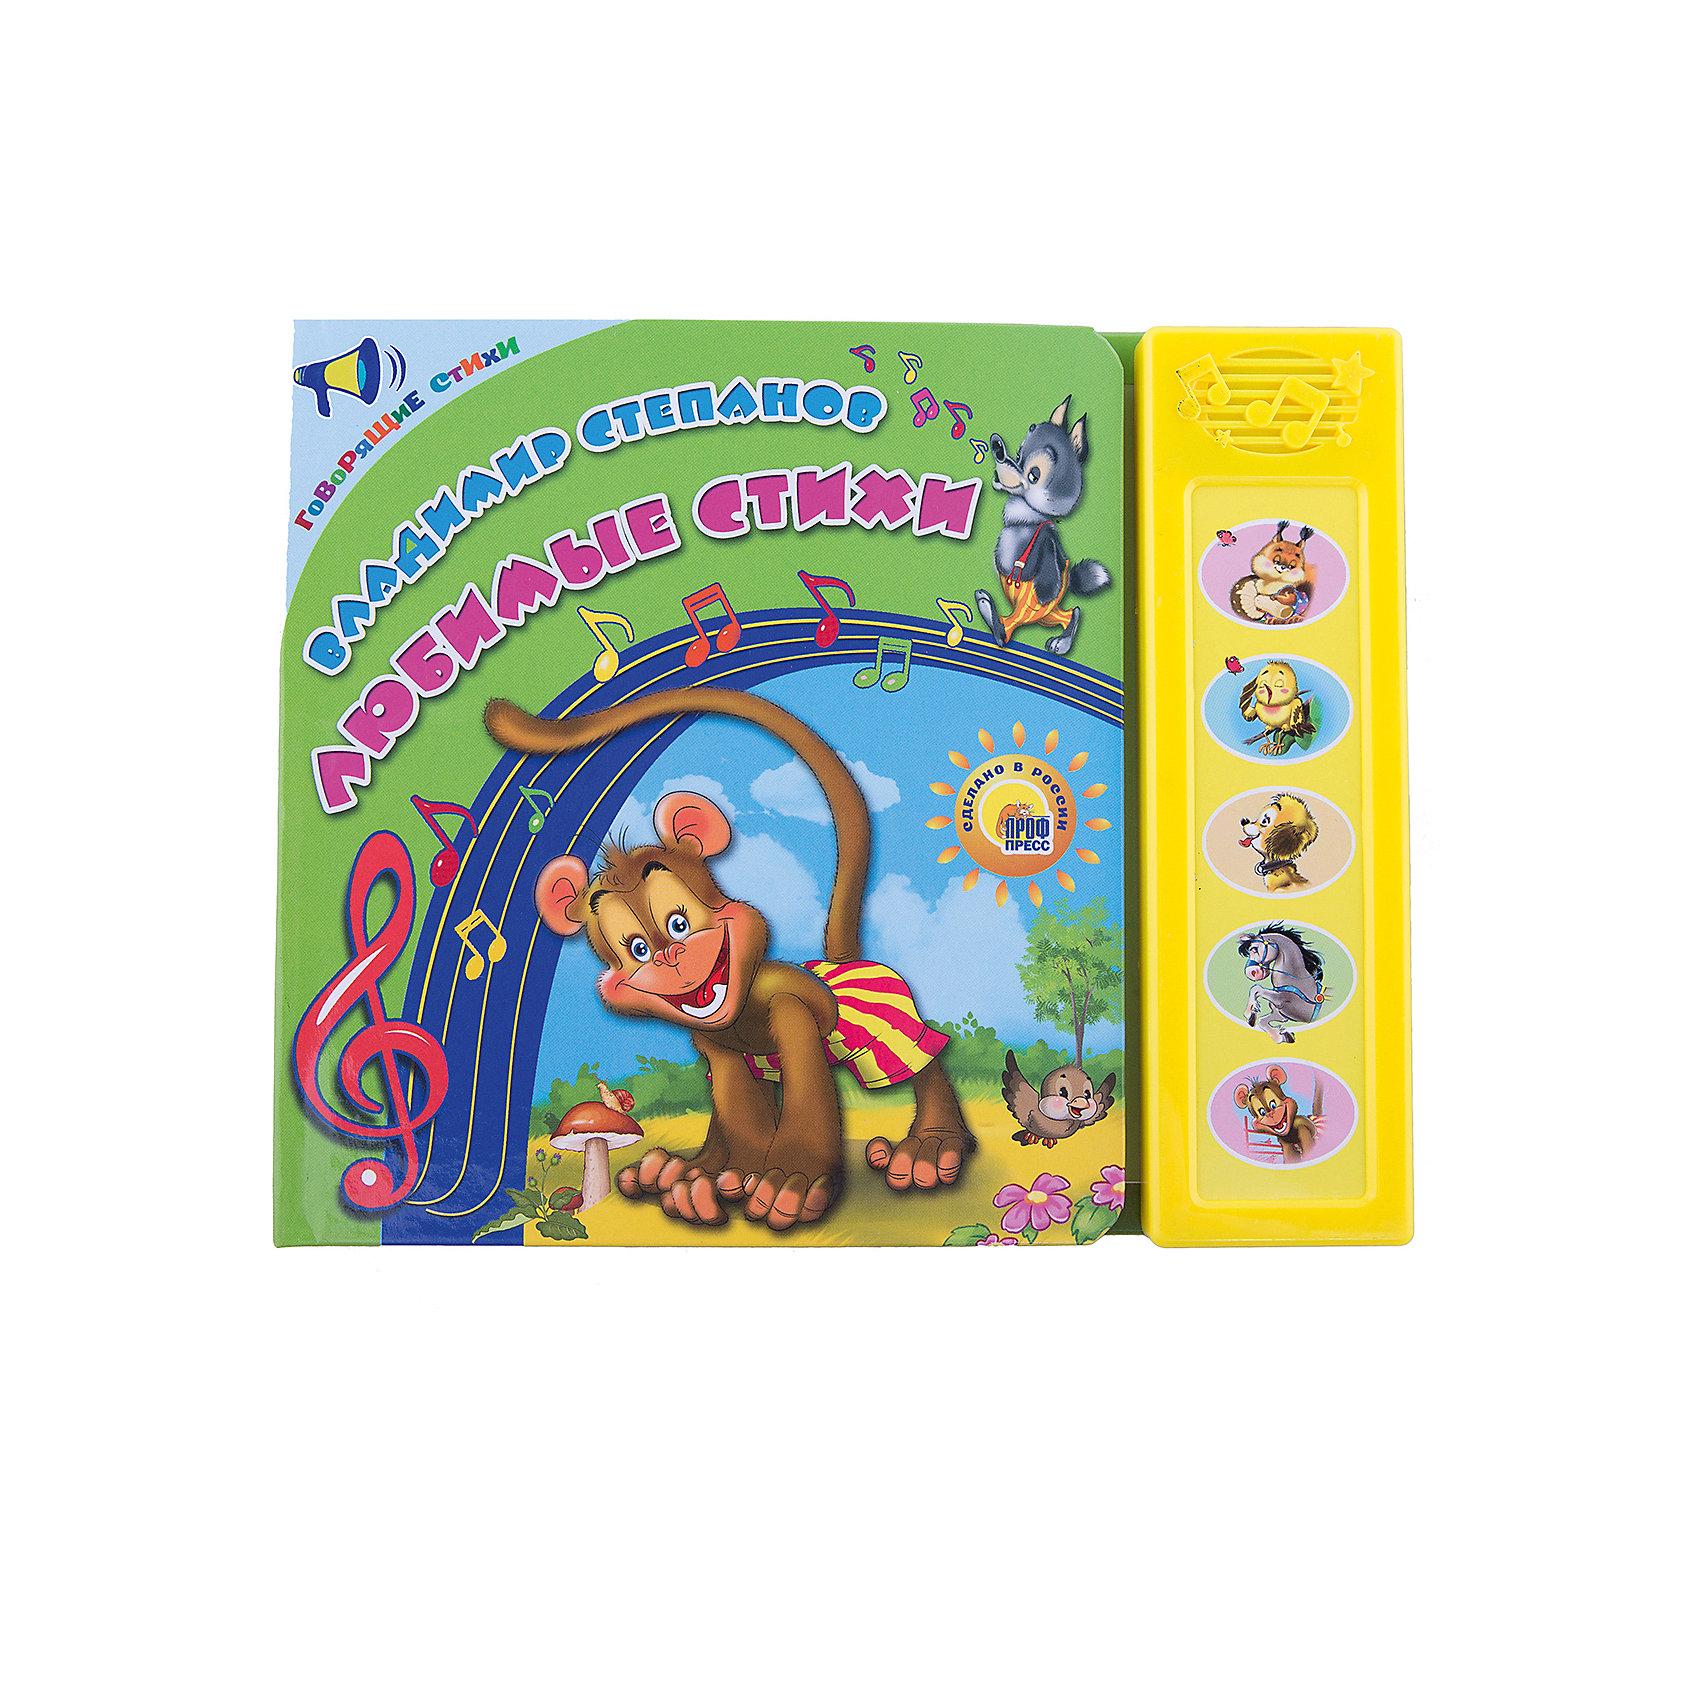 Говорящие стихи Любимые стихи, В. СтепановВ этой серии книг собраны стихи, которые очень нравятся детям. Книги - это лучший подарок не только взрослым, они помогают детям познавать мир и учиться читать, также книги позволяют ребенку весело проводить время. Они также стимулируют развитие воображения, логики и творческого мышления.<br>Это издание сделано специально для самых маленьких - с плотными страничками и кнопками со звуковым модулем, нажав на них, ребенок услышит стихи В. Степанова. Яркие картинки обязательно понравятся малышам! Книга сделана из качественных и безопасных для детей материалов.<br>  <br>Дополнительная информация:<br><br>материал: картон; <br>размер: 17х22 см;<br>вес: 235 г.<br><br>Книгу Говорящие стихи Любимые стихи, В. Степанов от издательства Проф-Пресс можно купить в нашем магазине.<br><br>Ширина мм: 214<br>Глубина мм: 15<br>Высота мм: 175<br>Вес г: 235<br>Возраст от месяцев: 0<br>Возраст до месяцев: 60<br>Пол: Унисекс<br>Возраст: Детский<br>SKU: 4787274